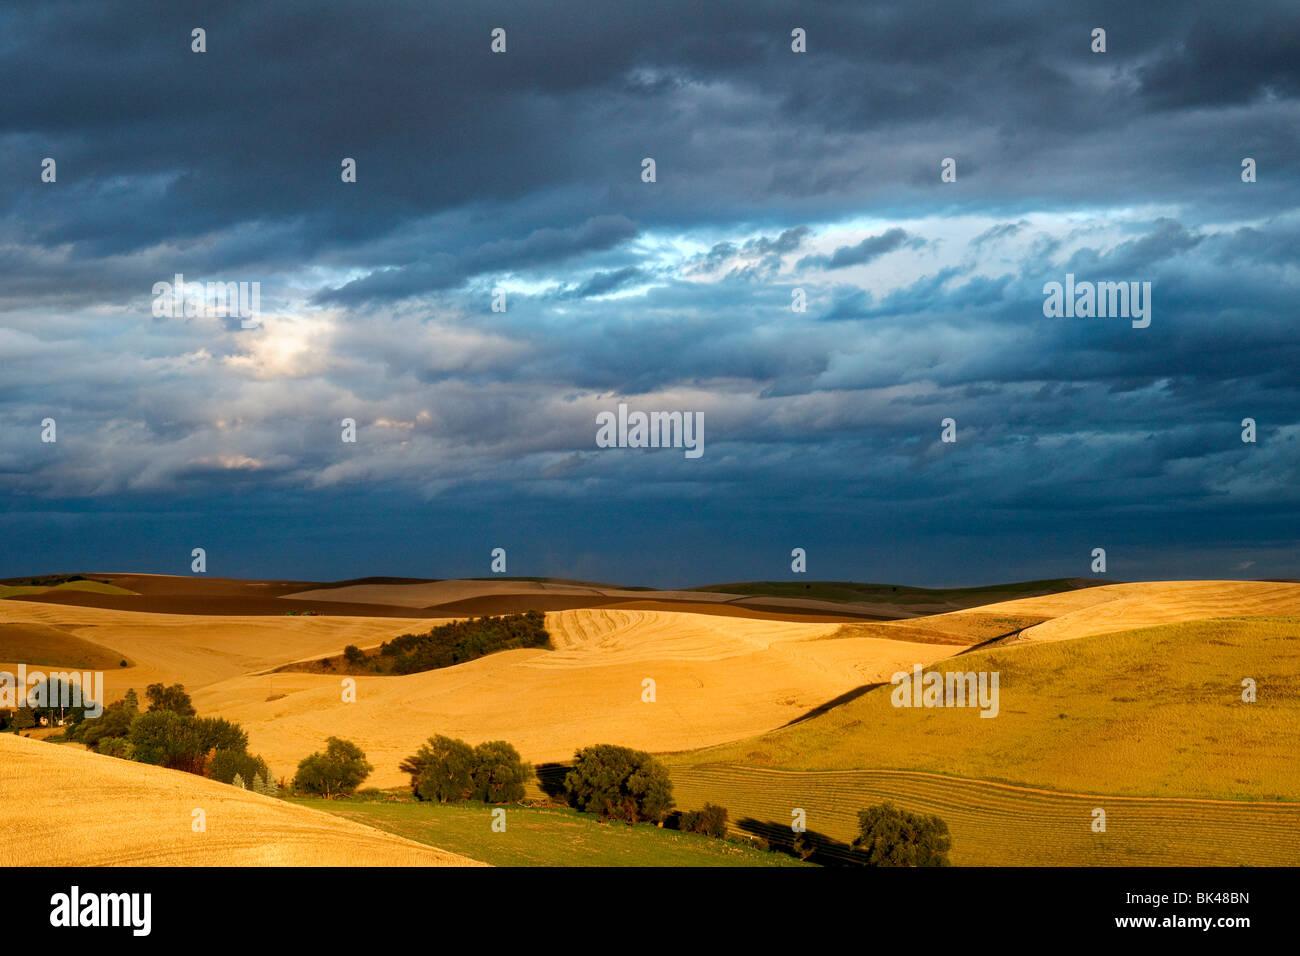 Sonnenlicht bricht durch die Wolken, um Reife Weizenfelder in der Palouse Region Washington Leuchten Stockbild